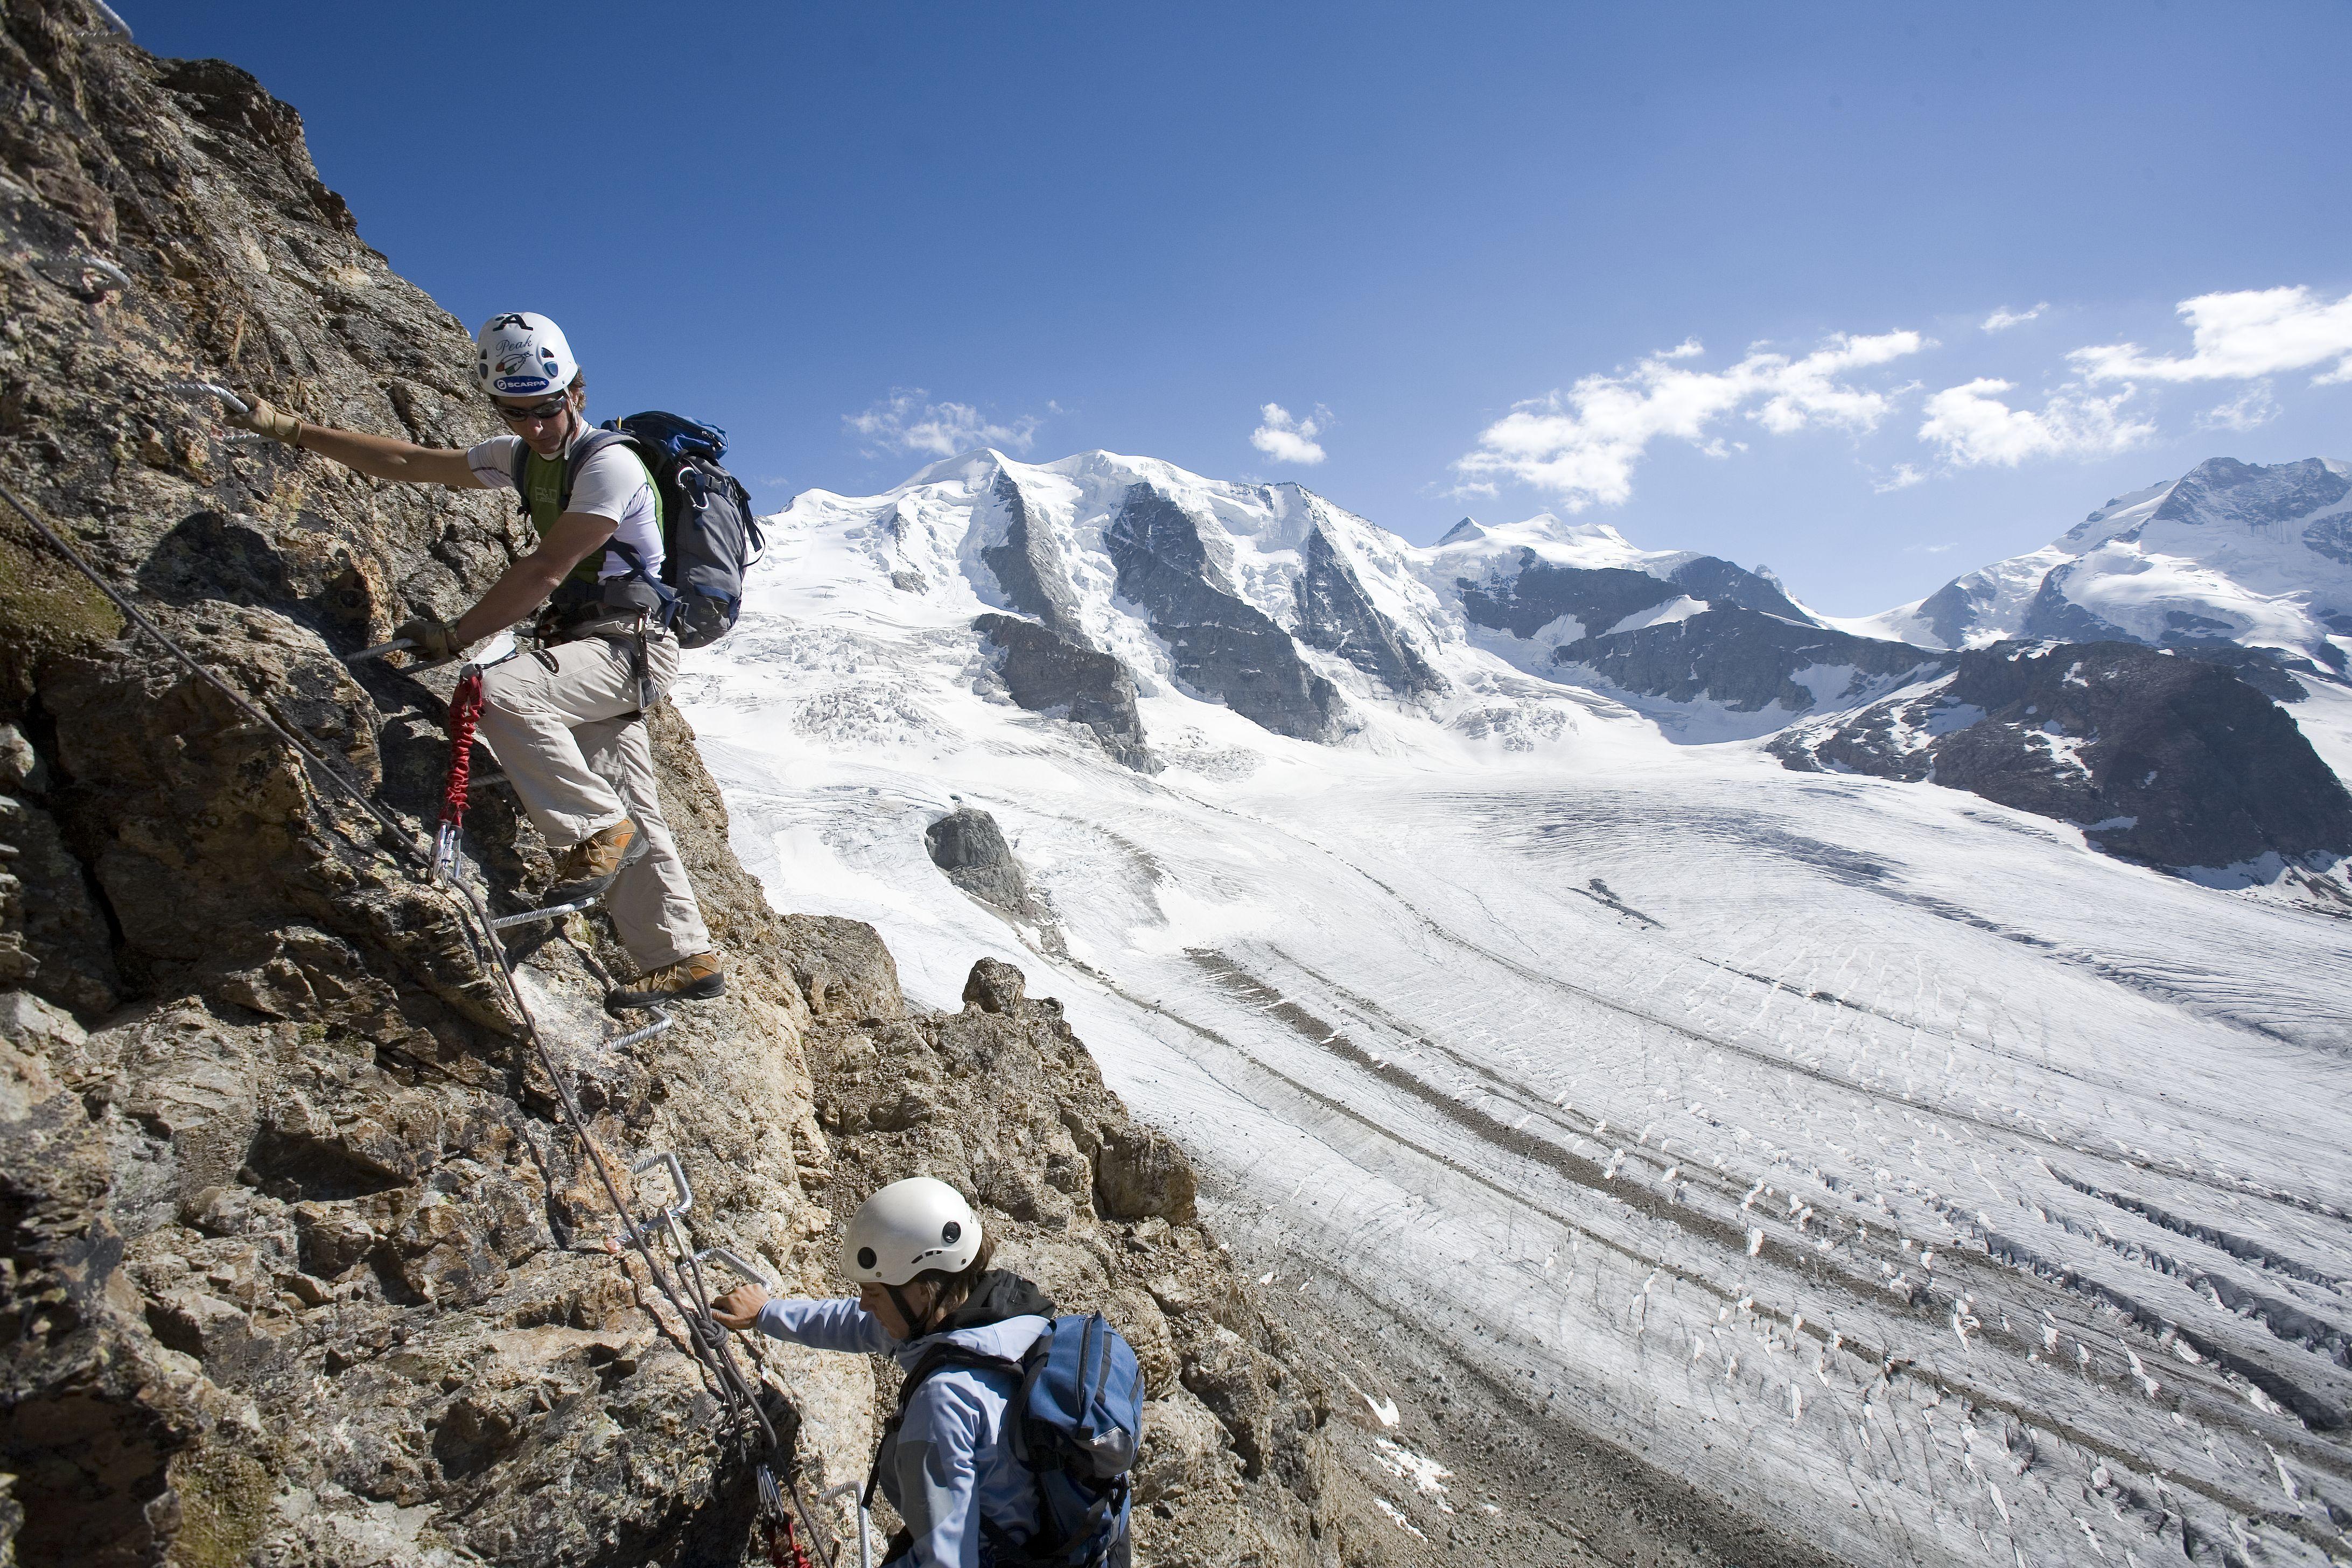 Bergsteigerschule Pontresina (Mountaineering school) Slide 2